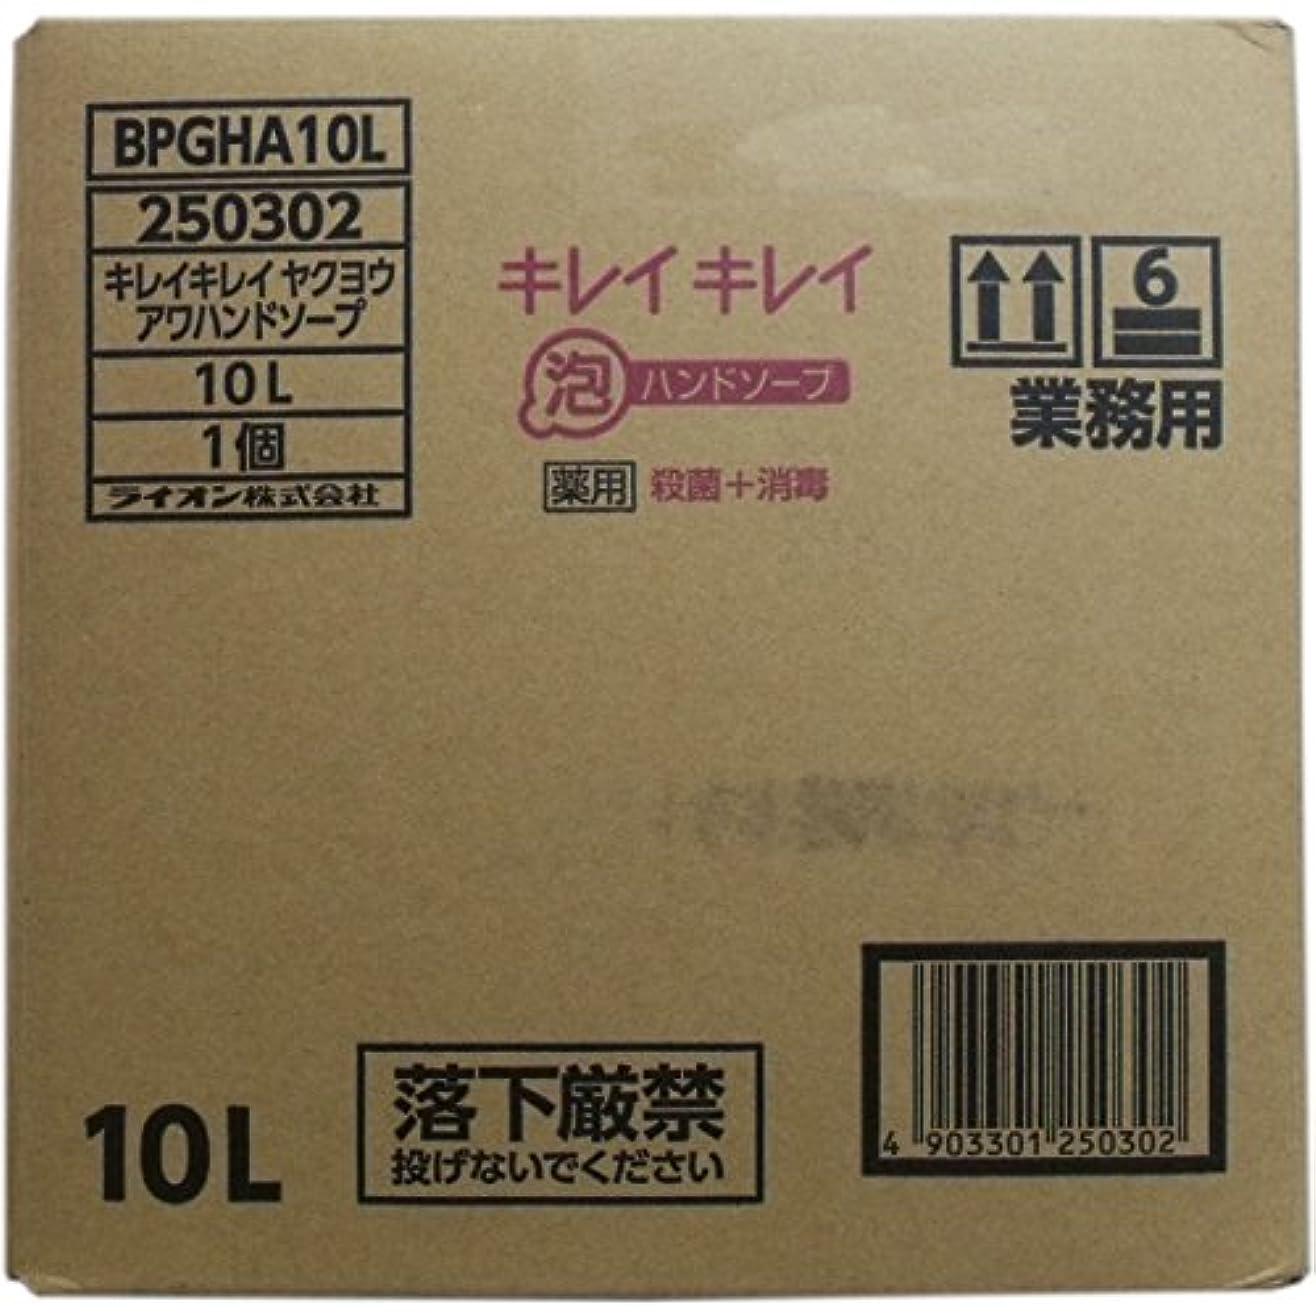 業務用キレイキレイ 薬用泡ハンドソープ 10L×2個セット